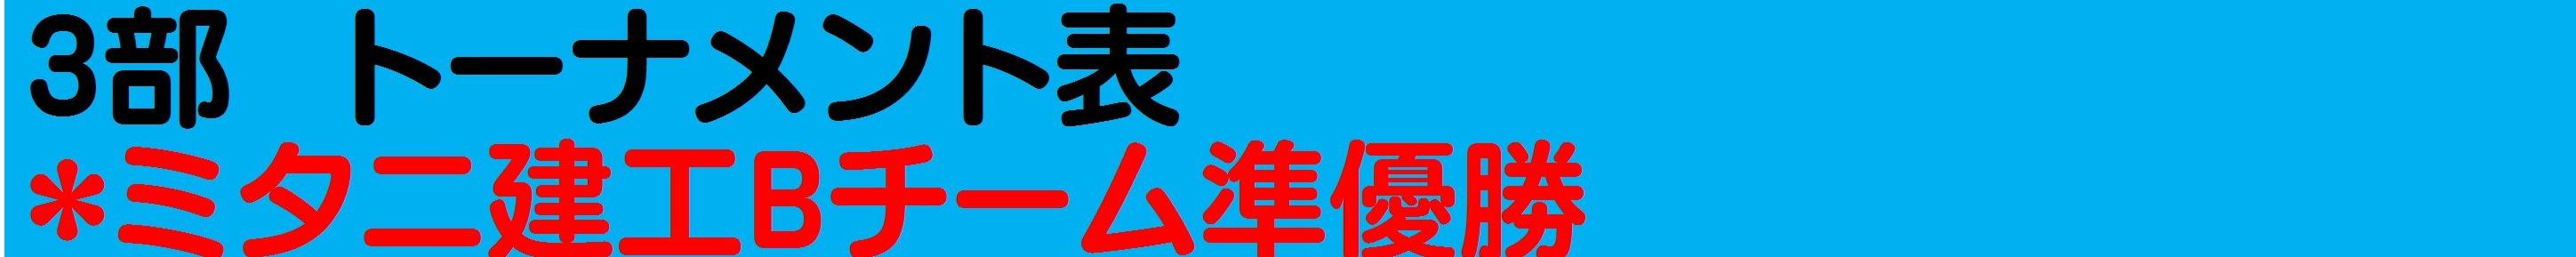 素材-218 - コピー (2)